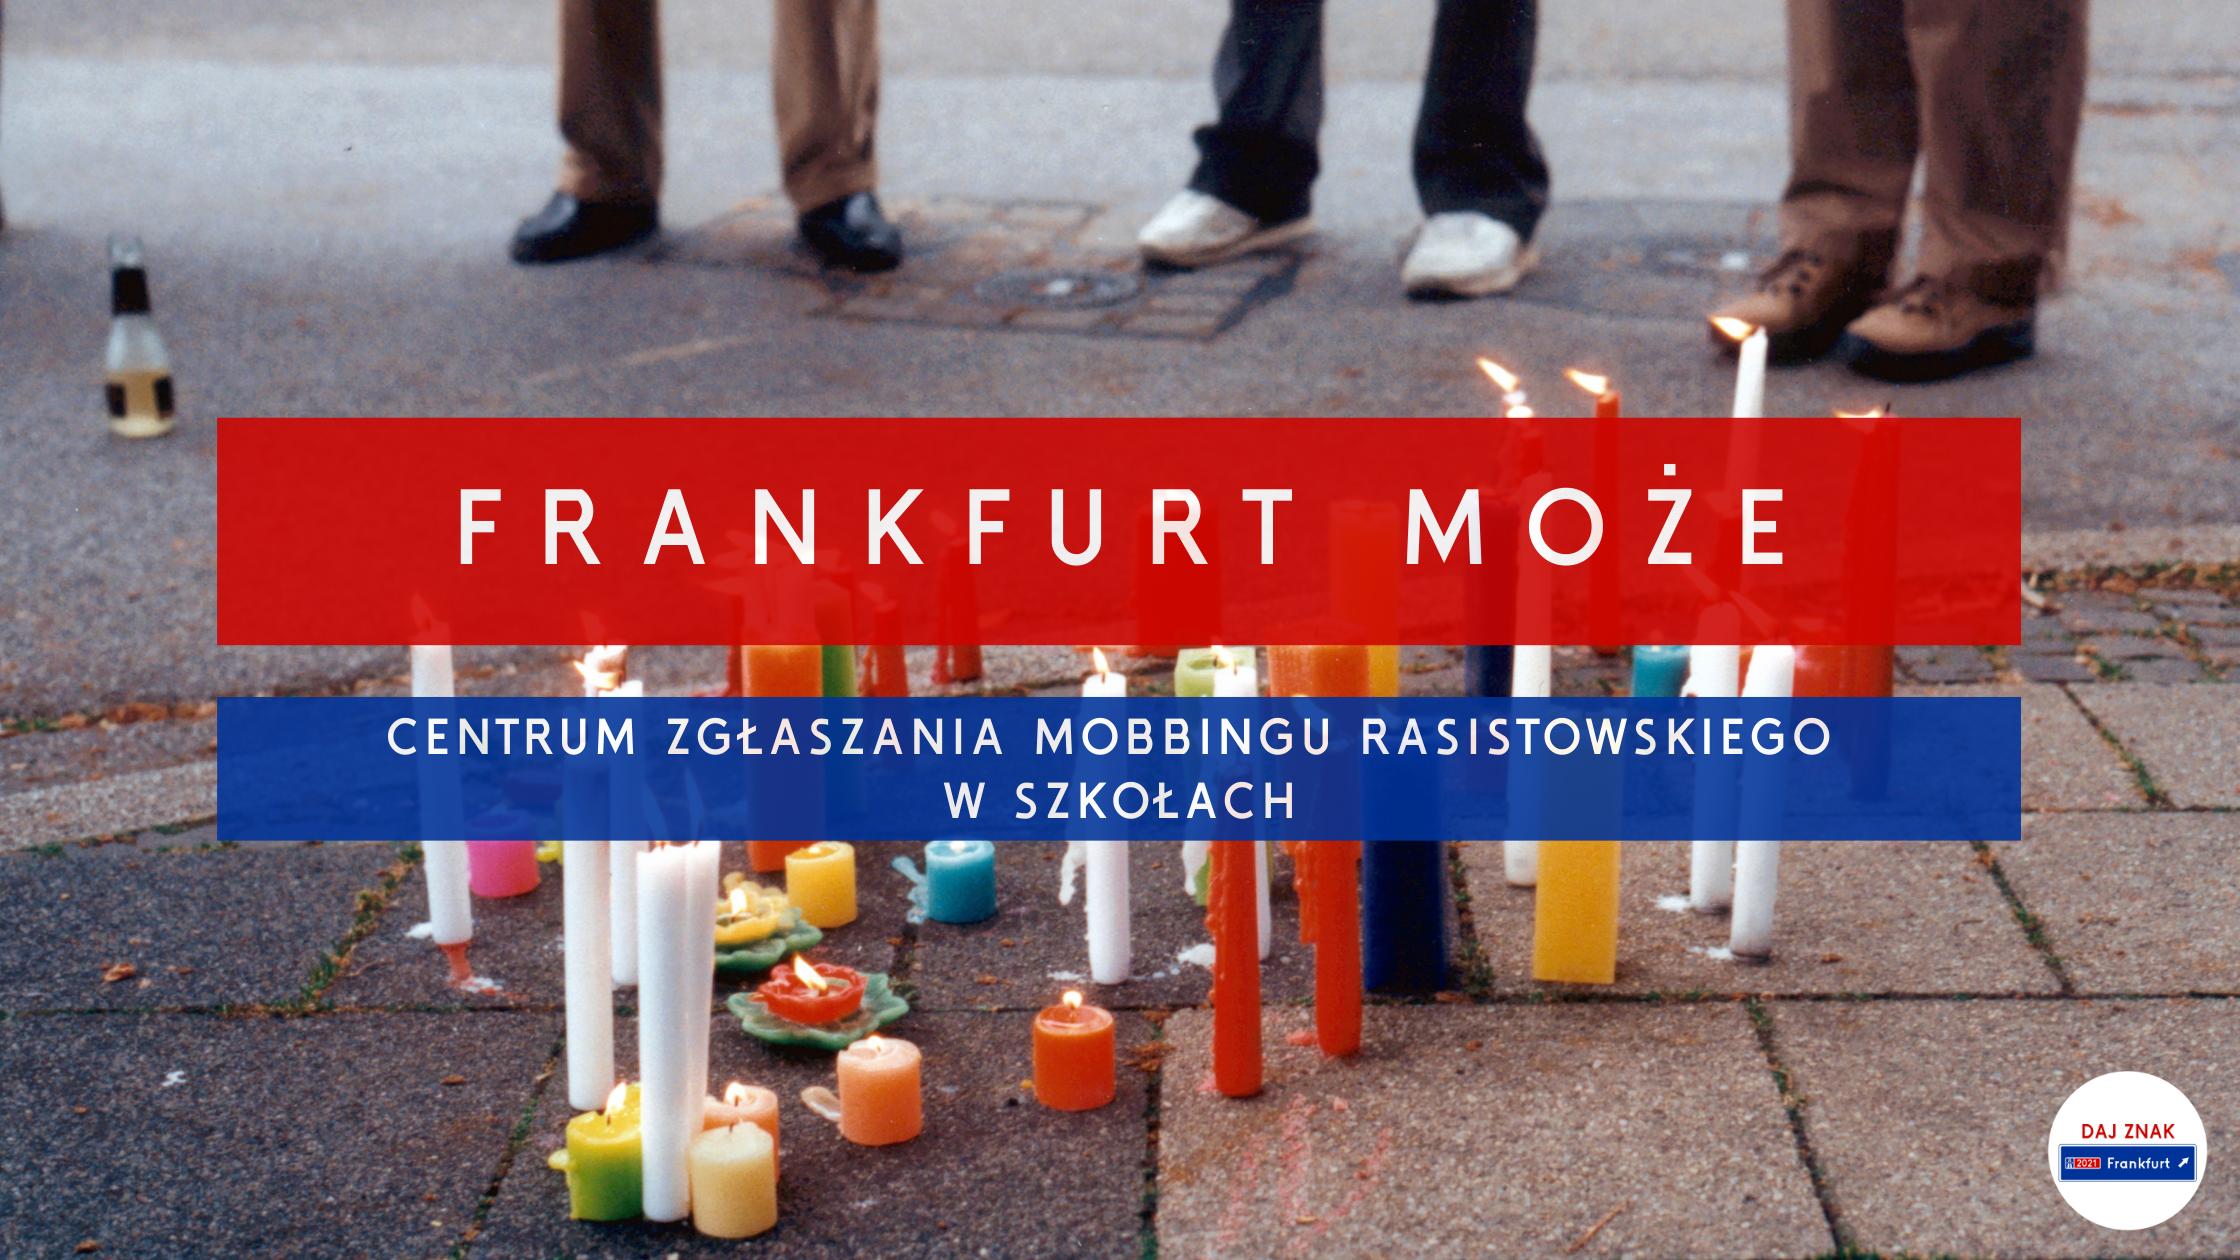 Frankfurt moŻe_Centrum zglaszania mobbingu rasistowskiego z szkolach